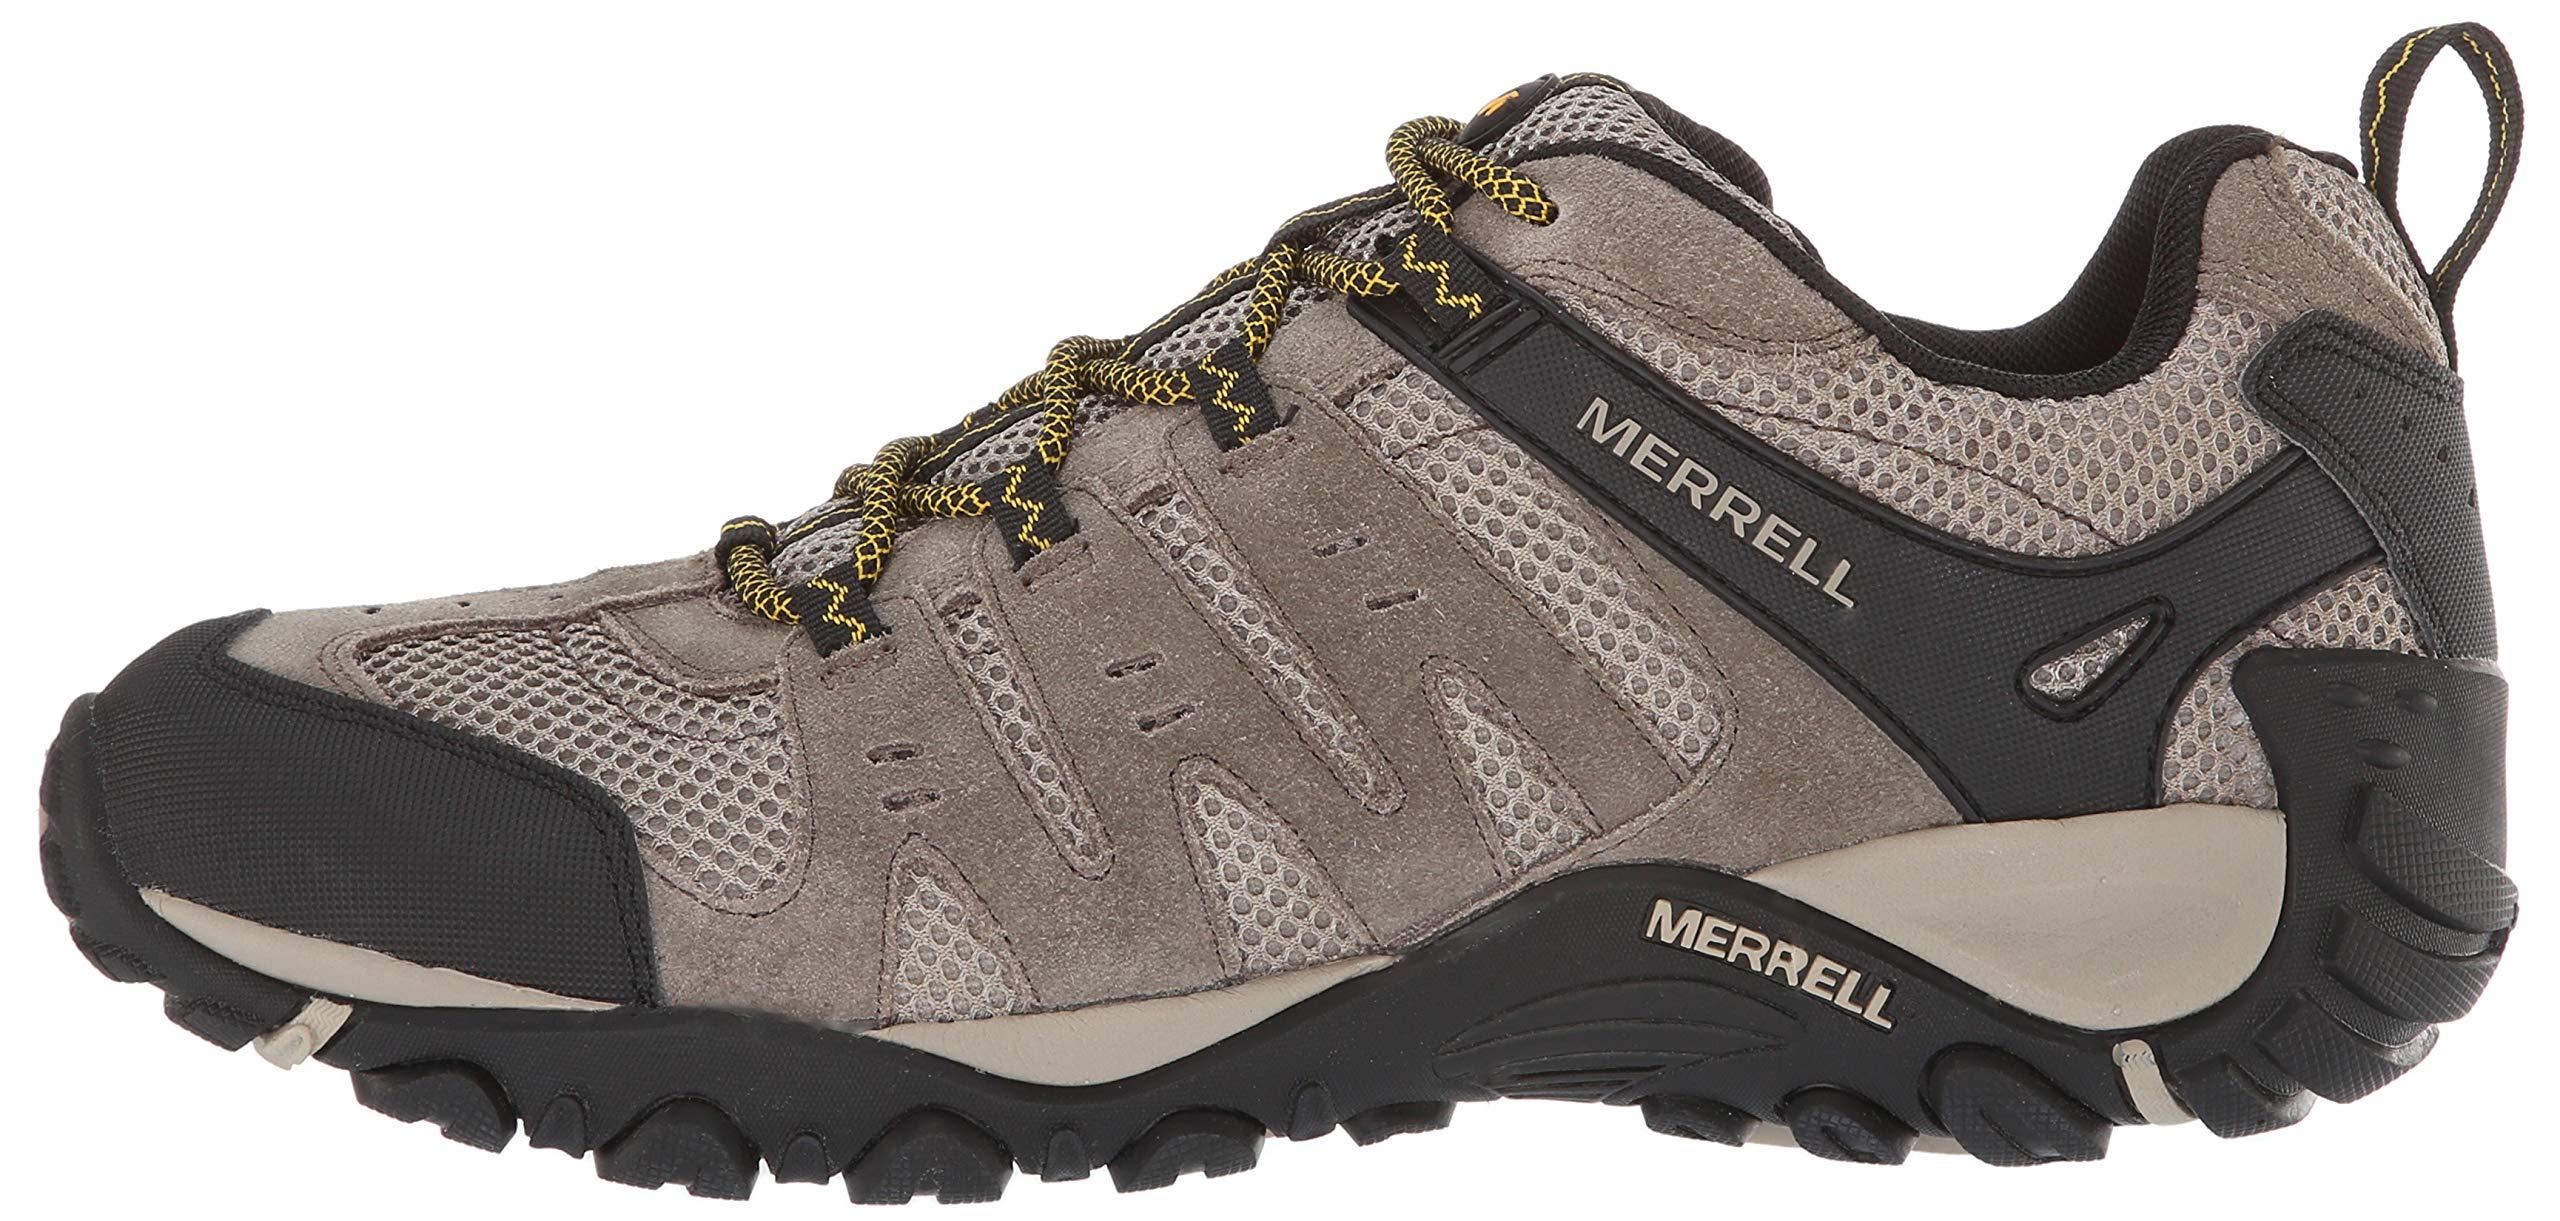 Merrell Men's Accentor Hiking Boot- Buy